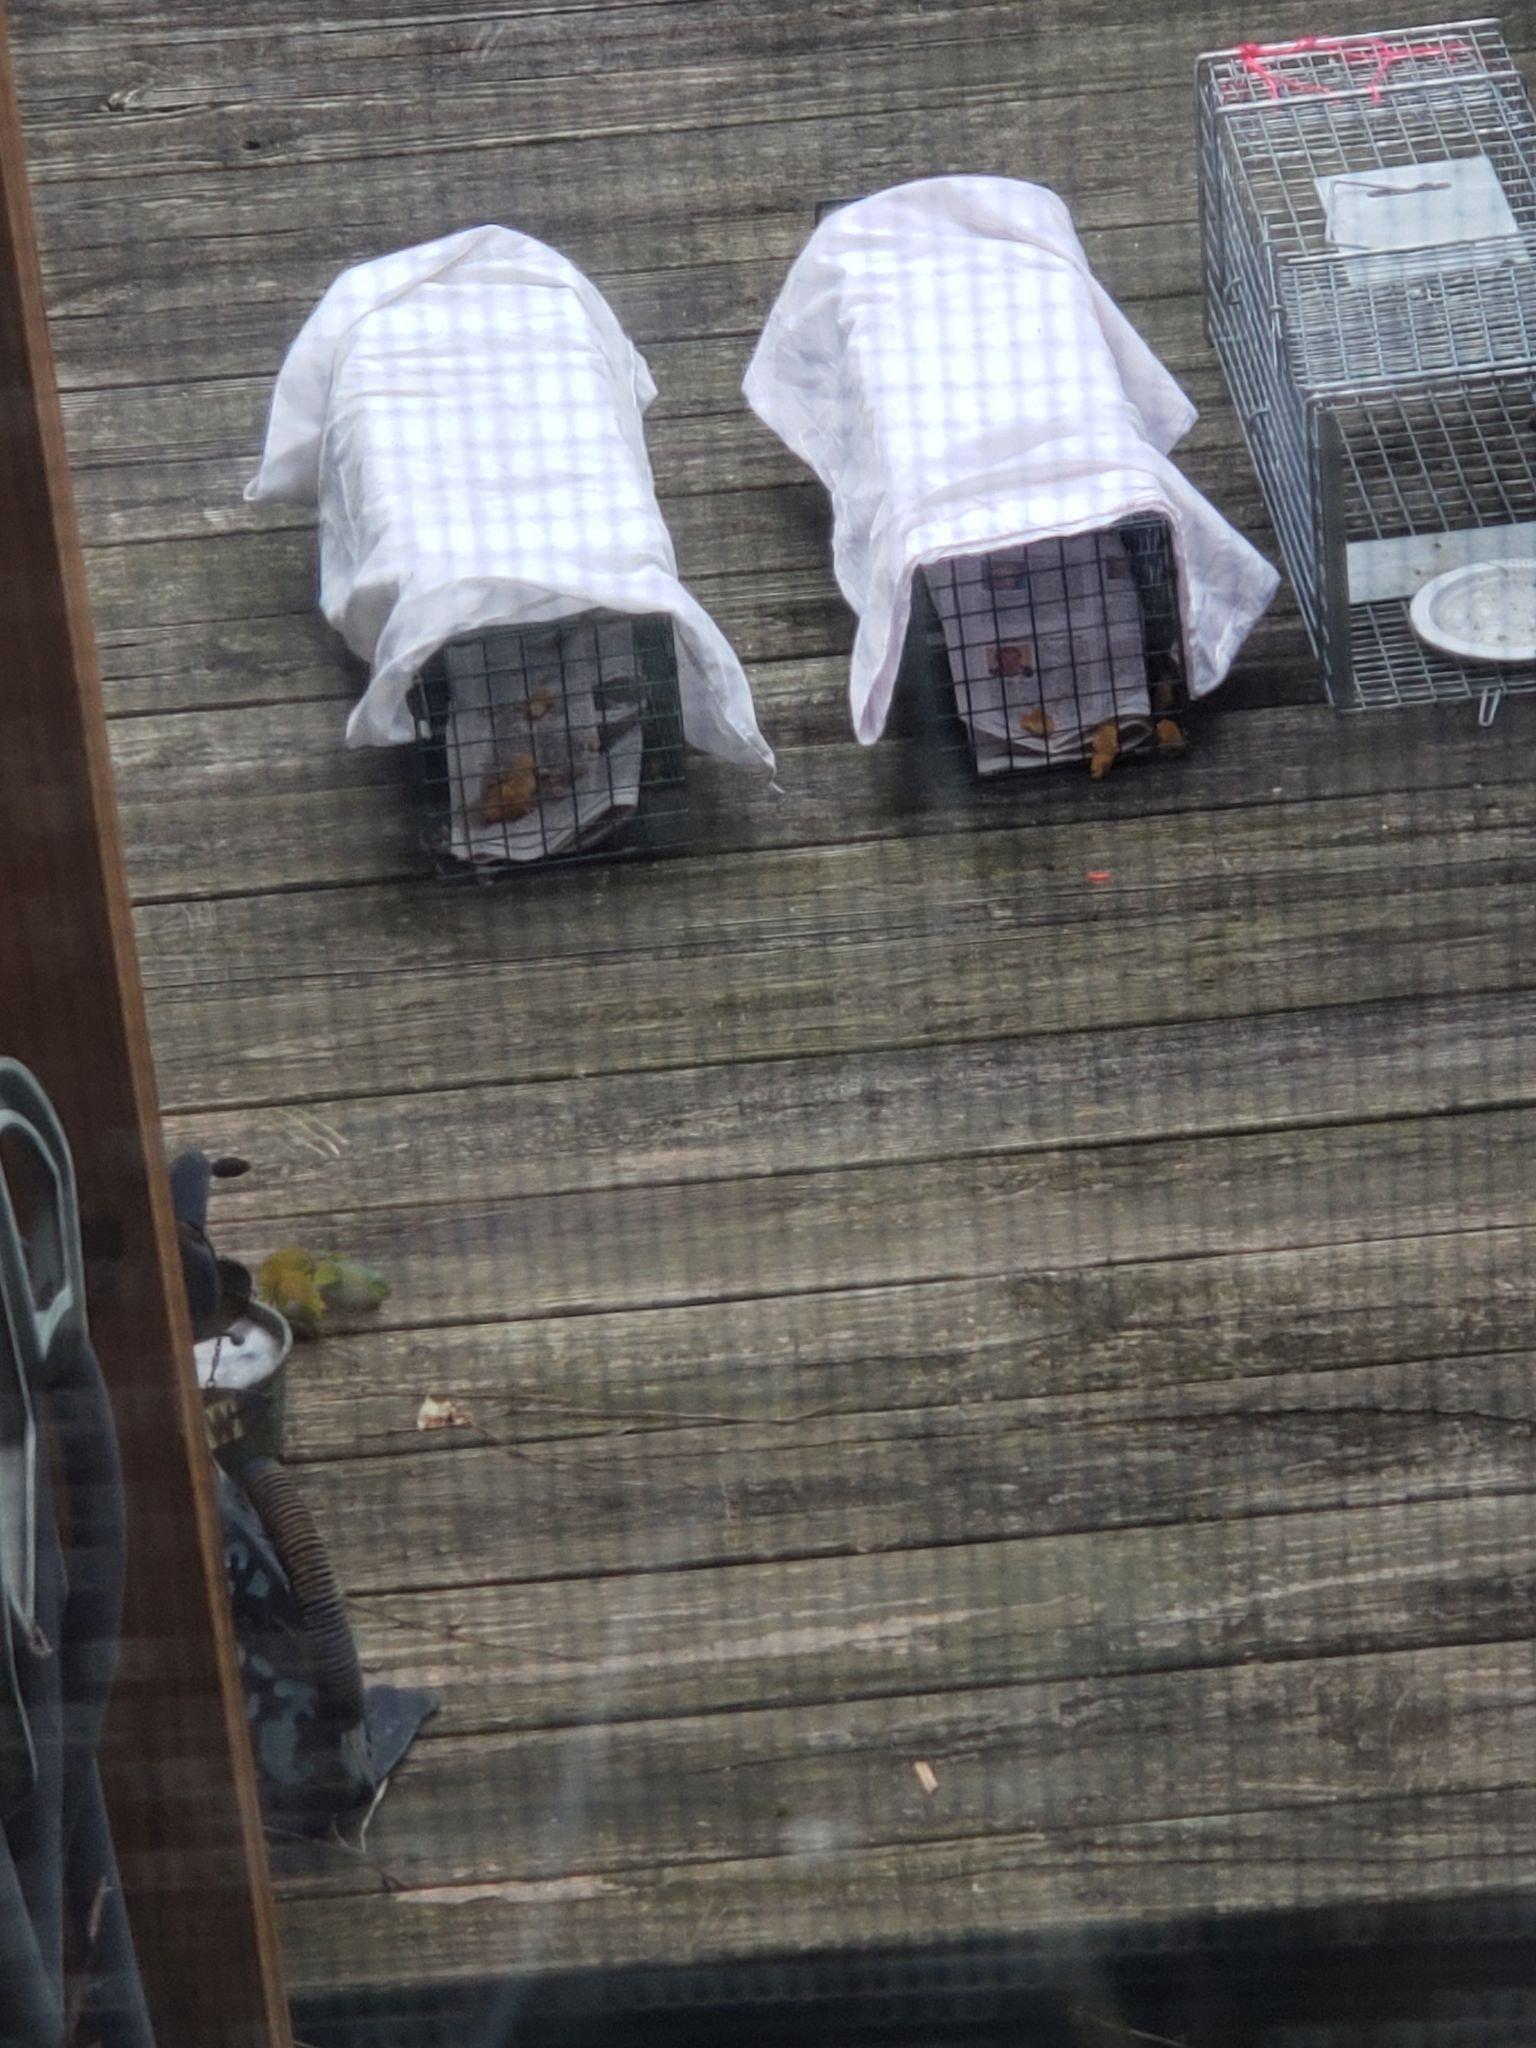 Homeless Pittsburgh Kittens